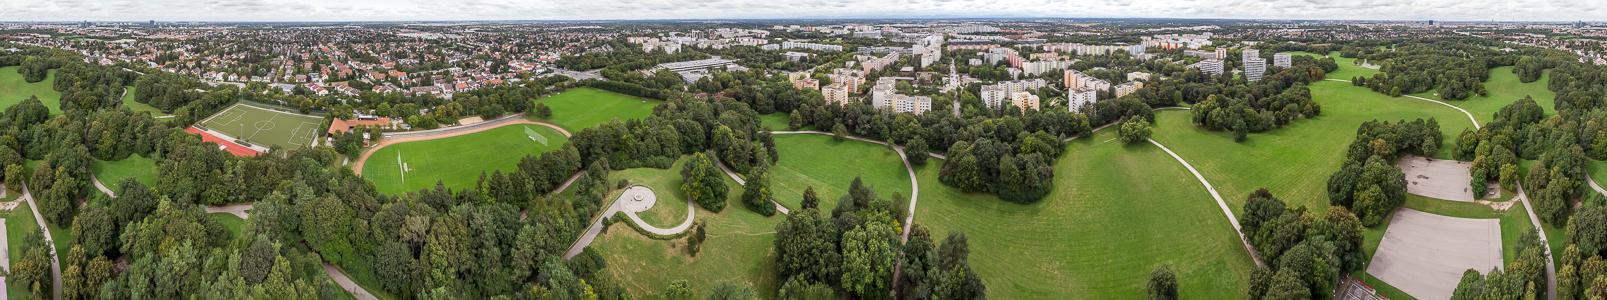 Ostpark München